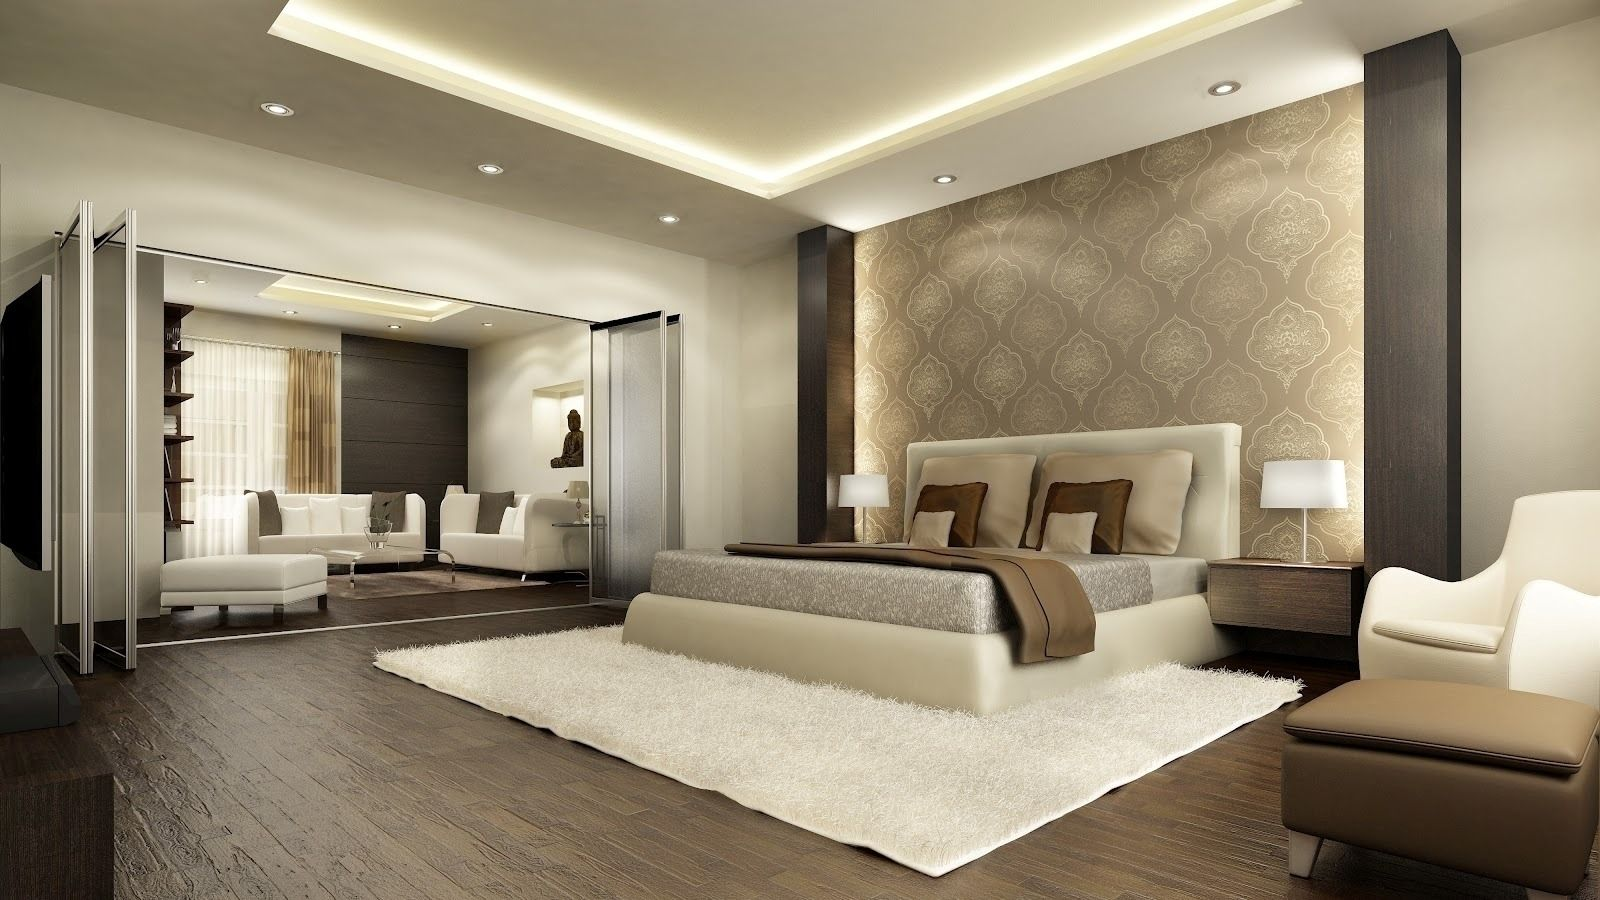 Master Schlafzimmer Design Badezimmer Büromöbel Couchtisch Deko